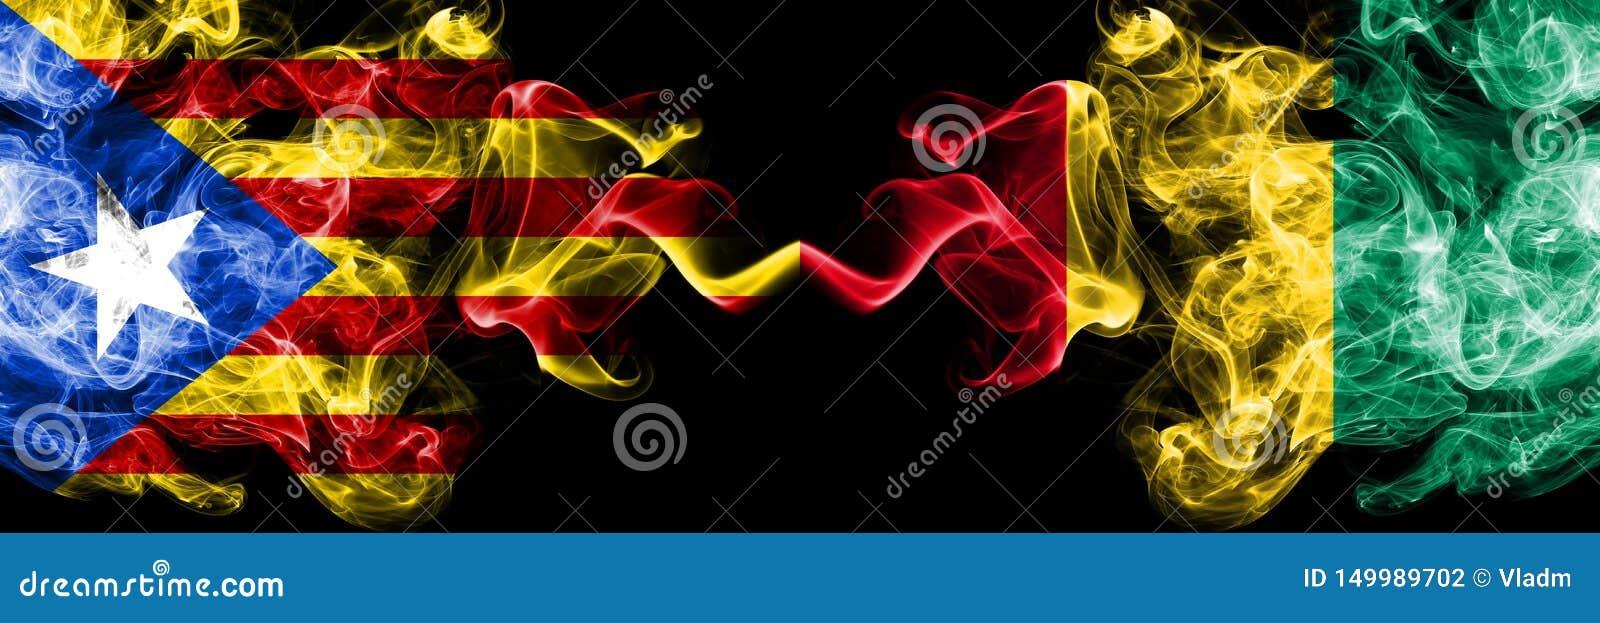 Katalonien gegen Guinea, guineische Rauchflaggen nebeneinander gesetzt Dicke farbige seidige Rauchflaggen von Katalonien und von